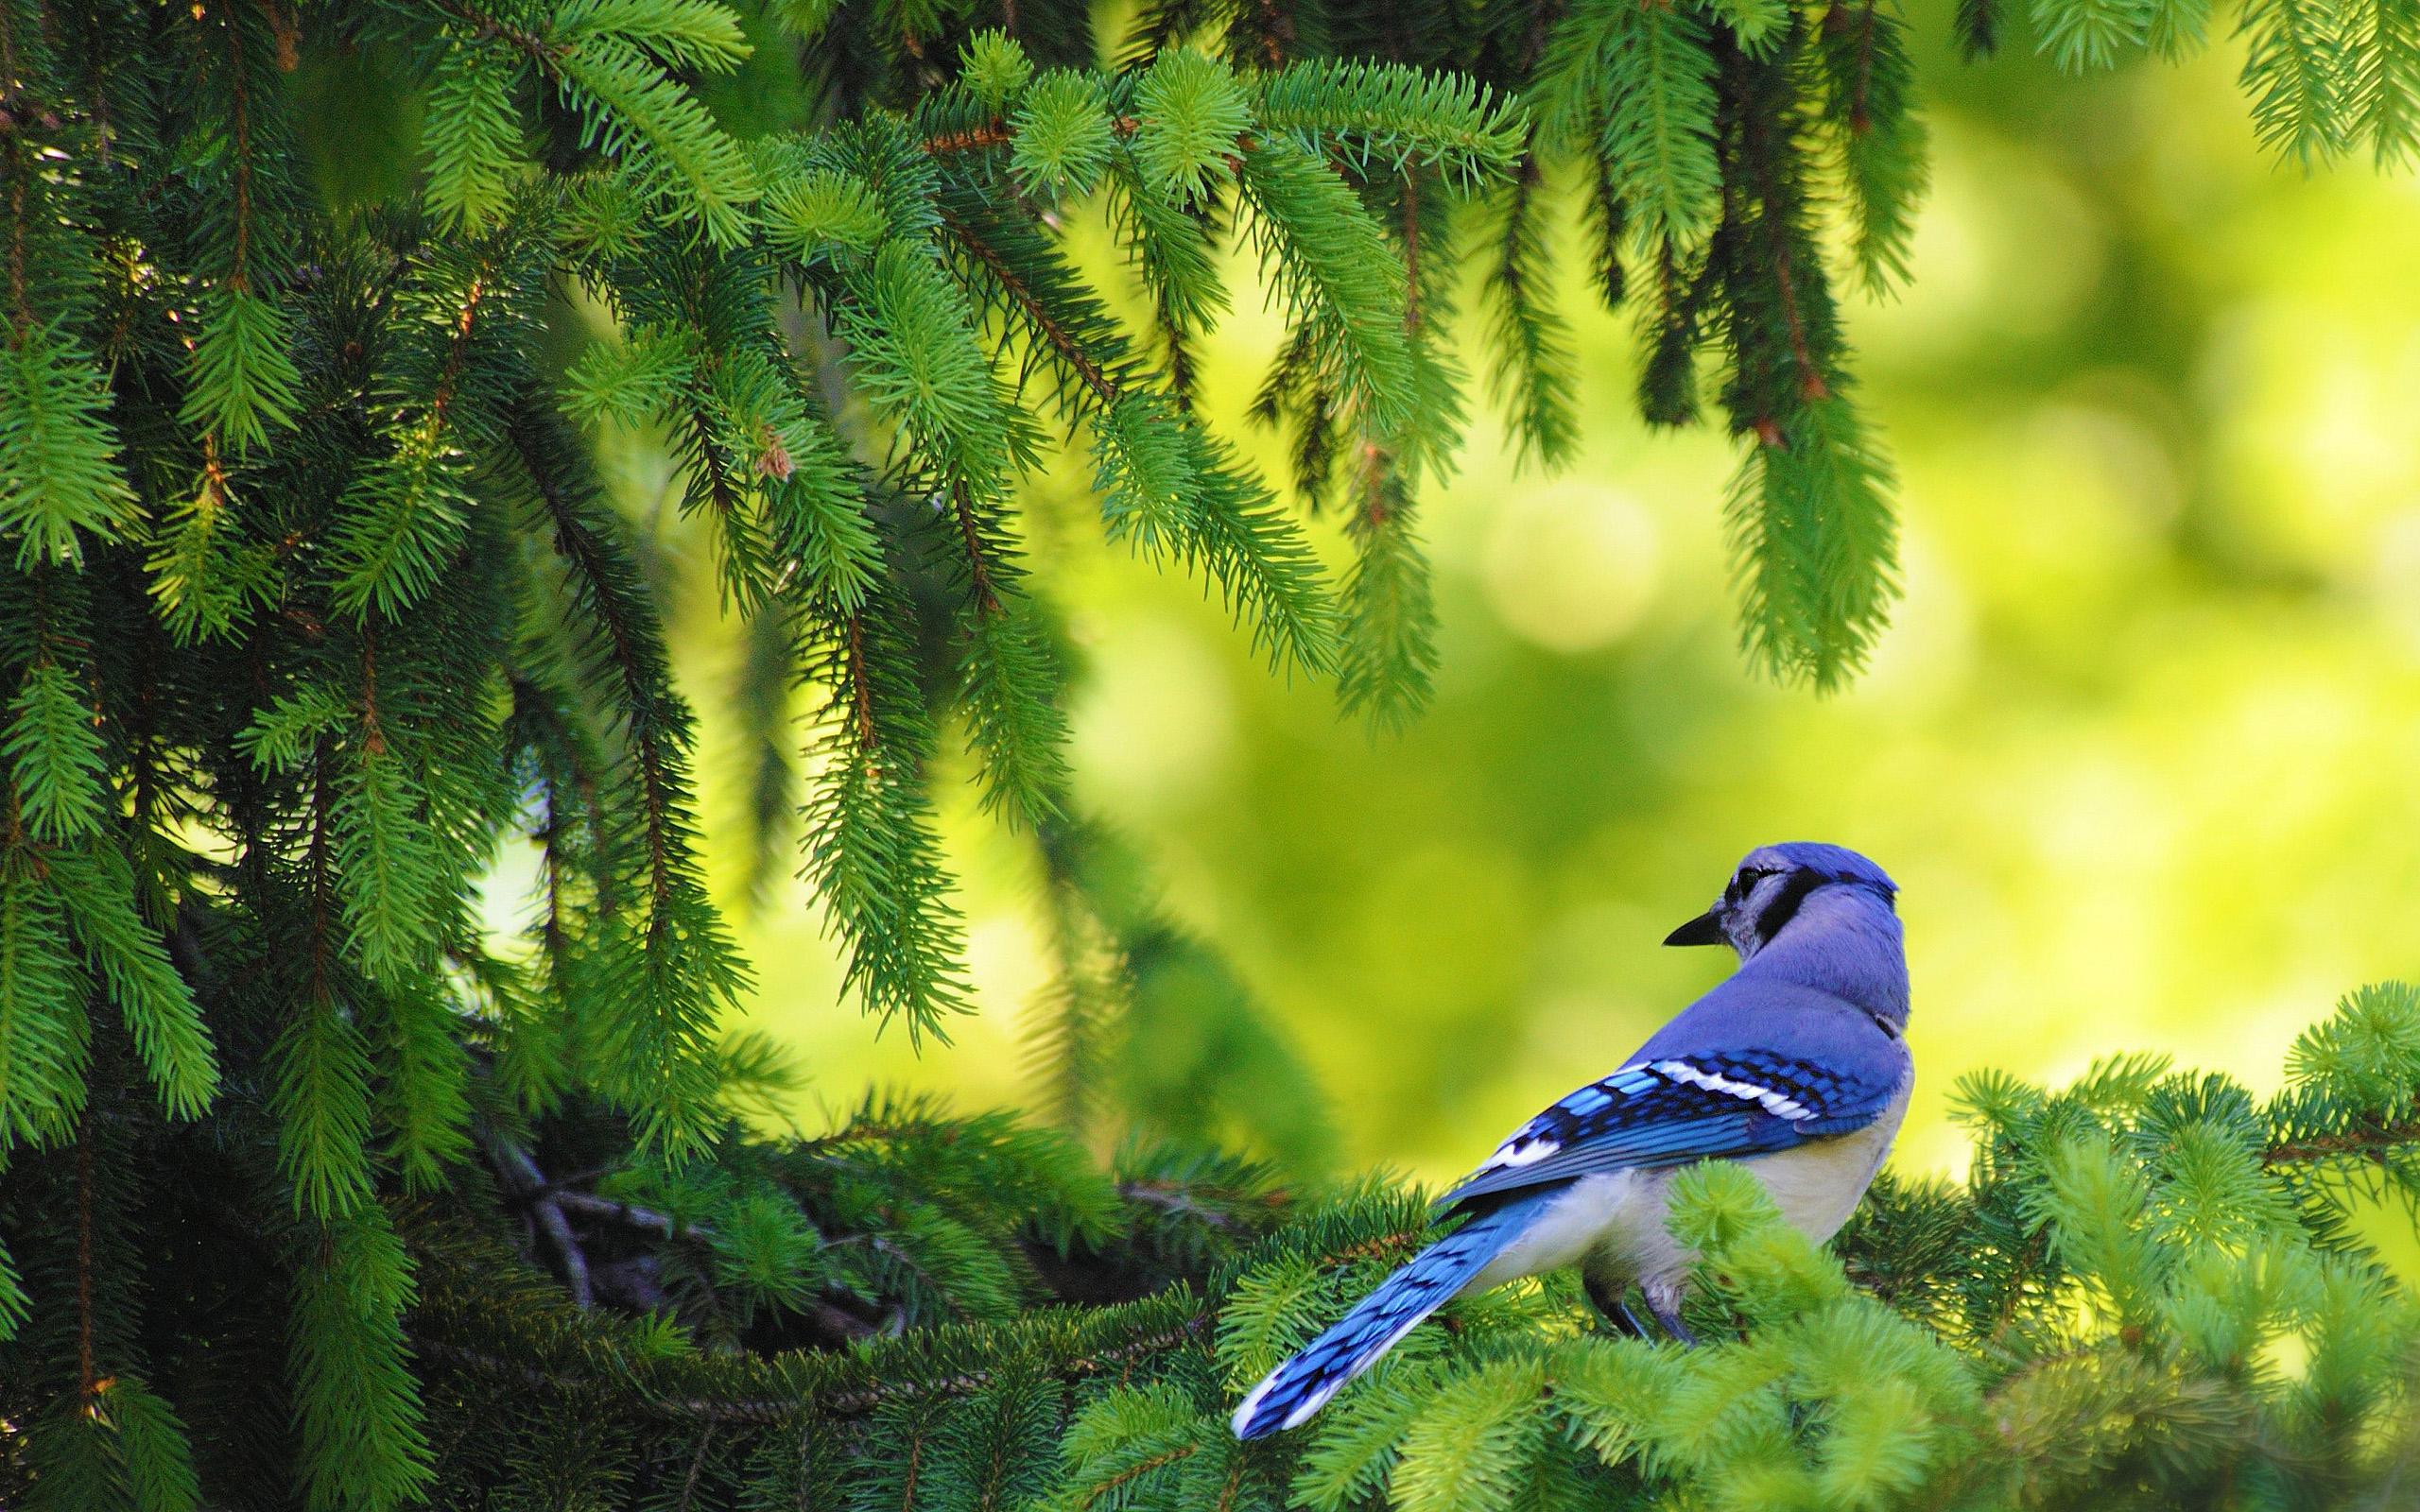 Blue Bird Background 6888436 2560x1600